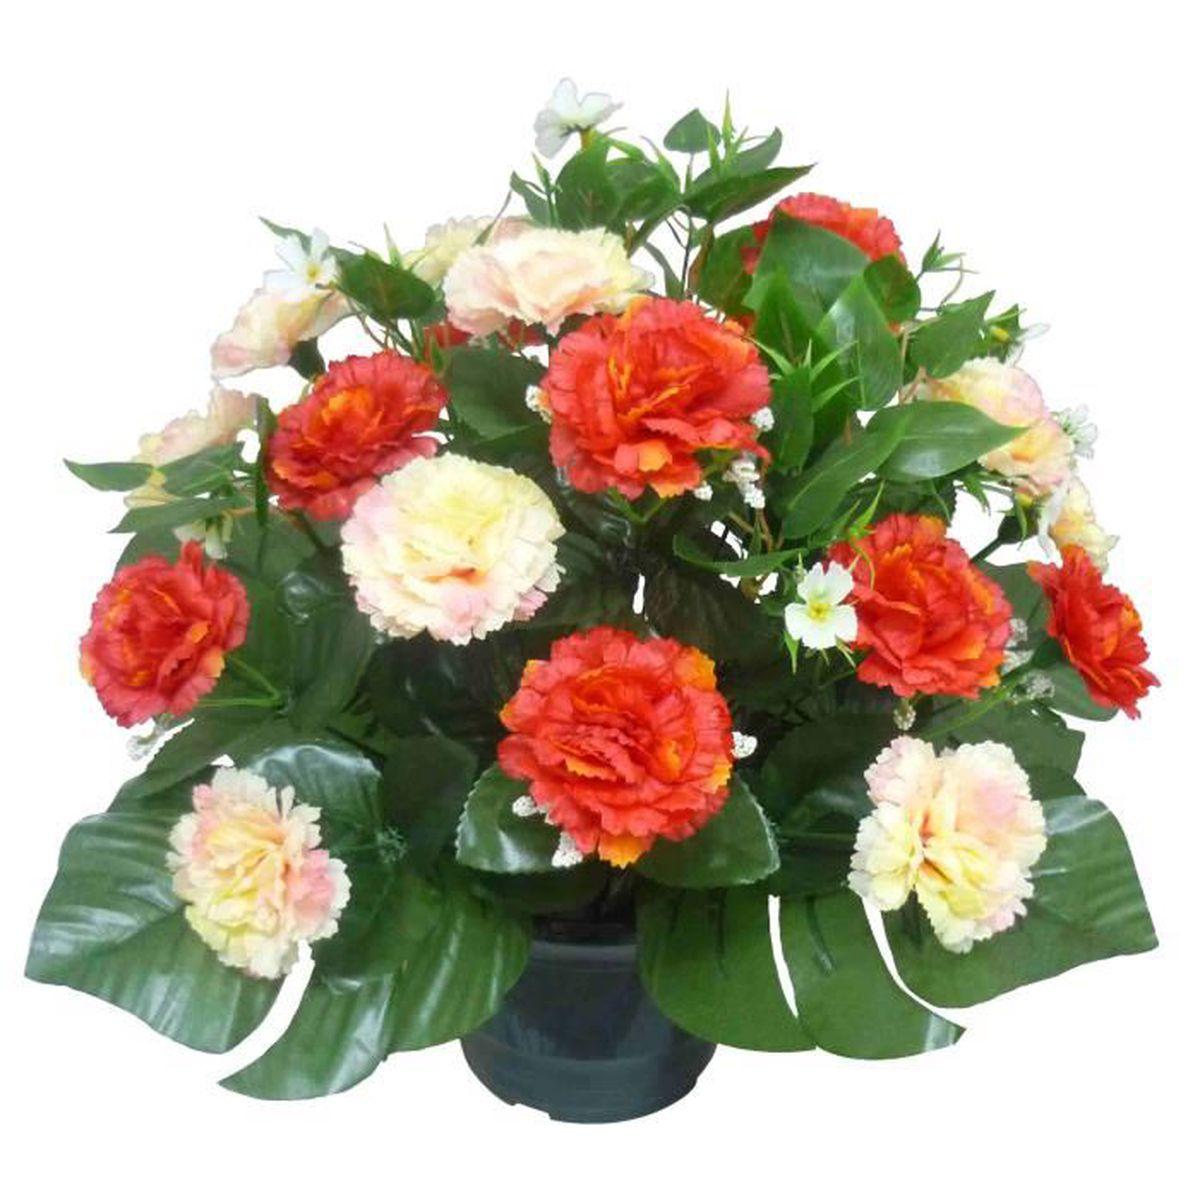 Fleurs artificieles en pot cimetiere achat vente for Fleurs vente